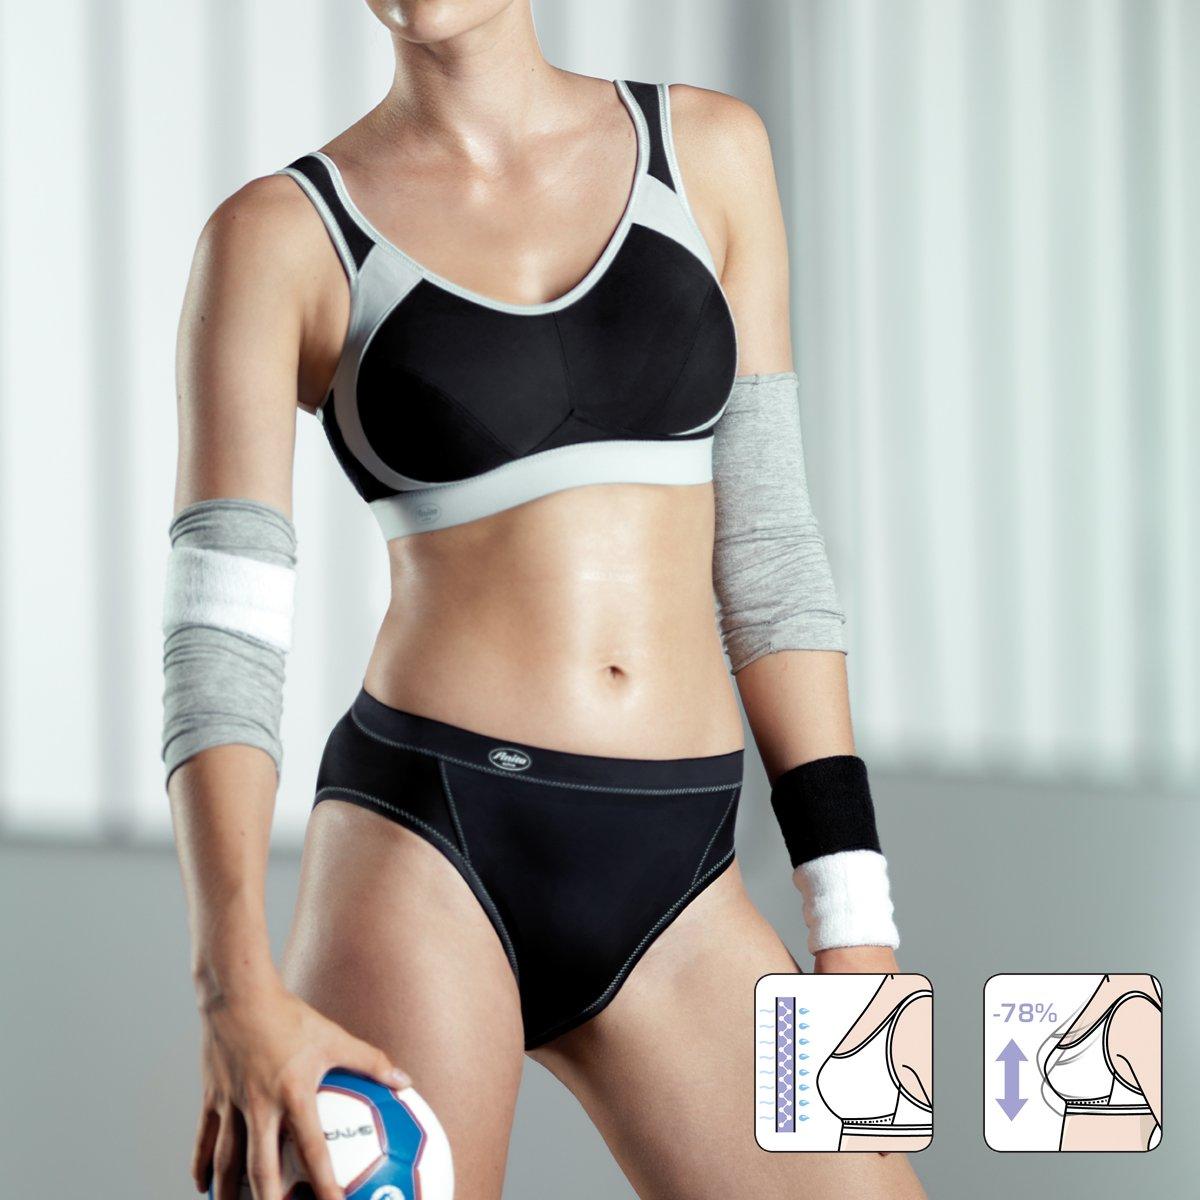 Anita Womens Plus Size Extreme Control Sport Bra White Anita Women/'s Plus Size Extreme Control Sport Bra White 5527